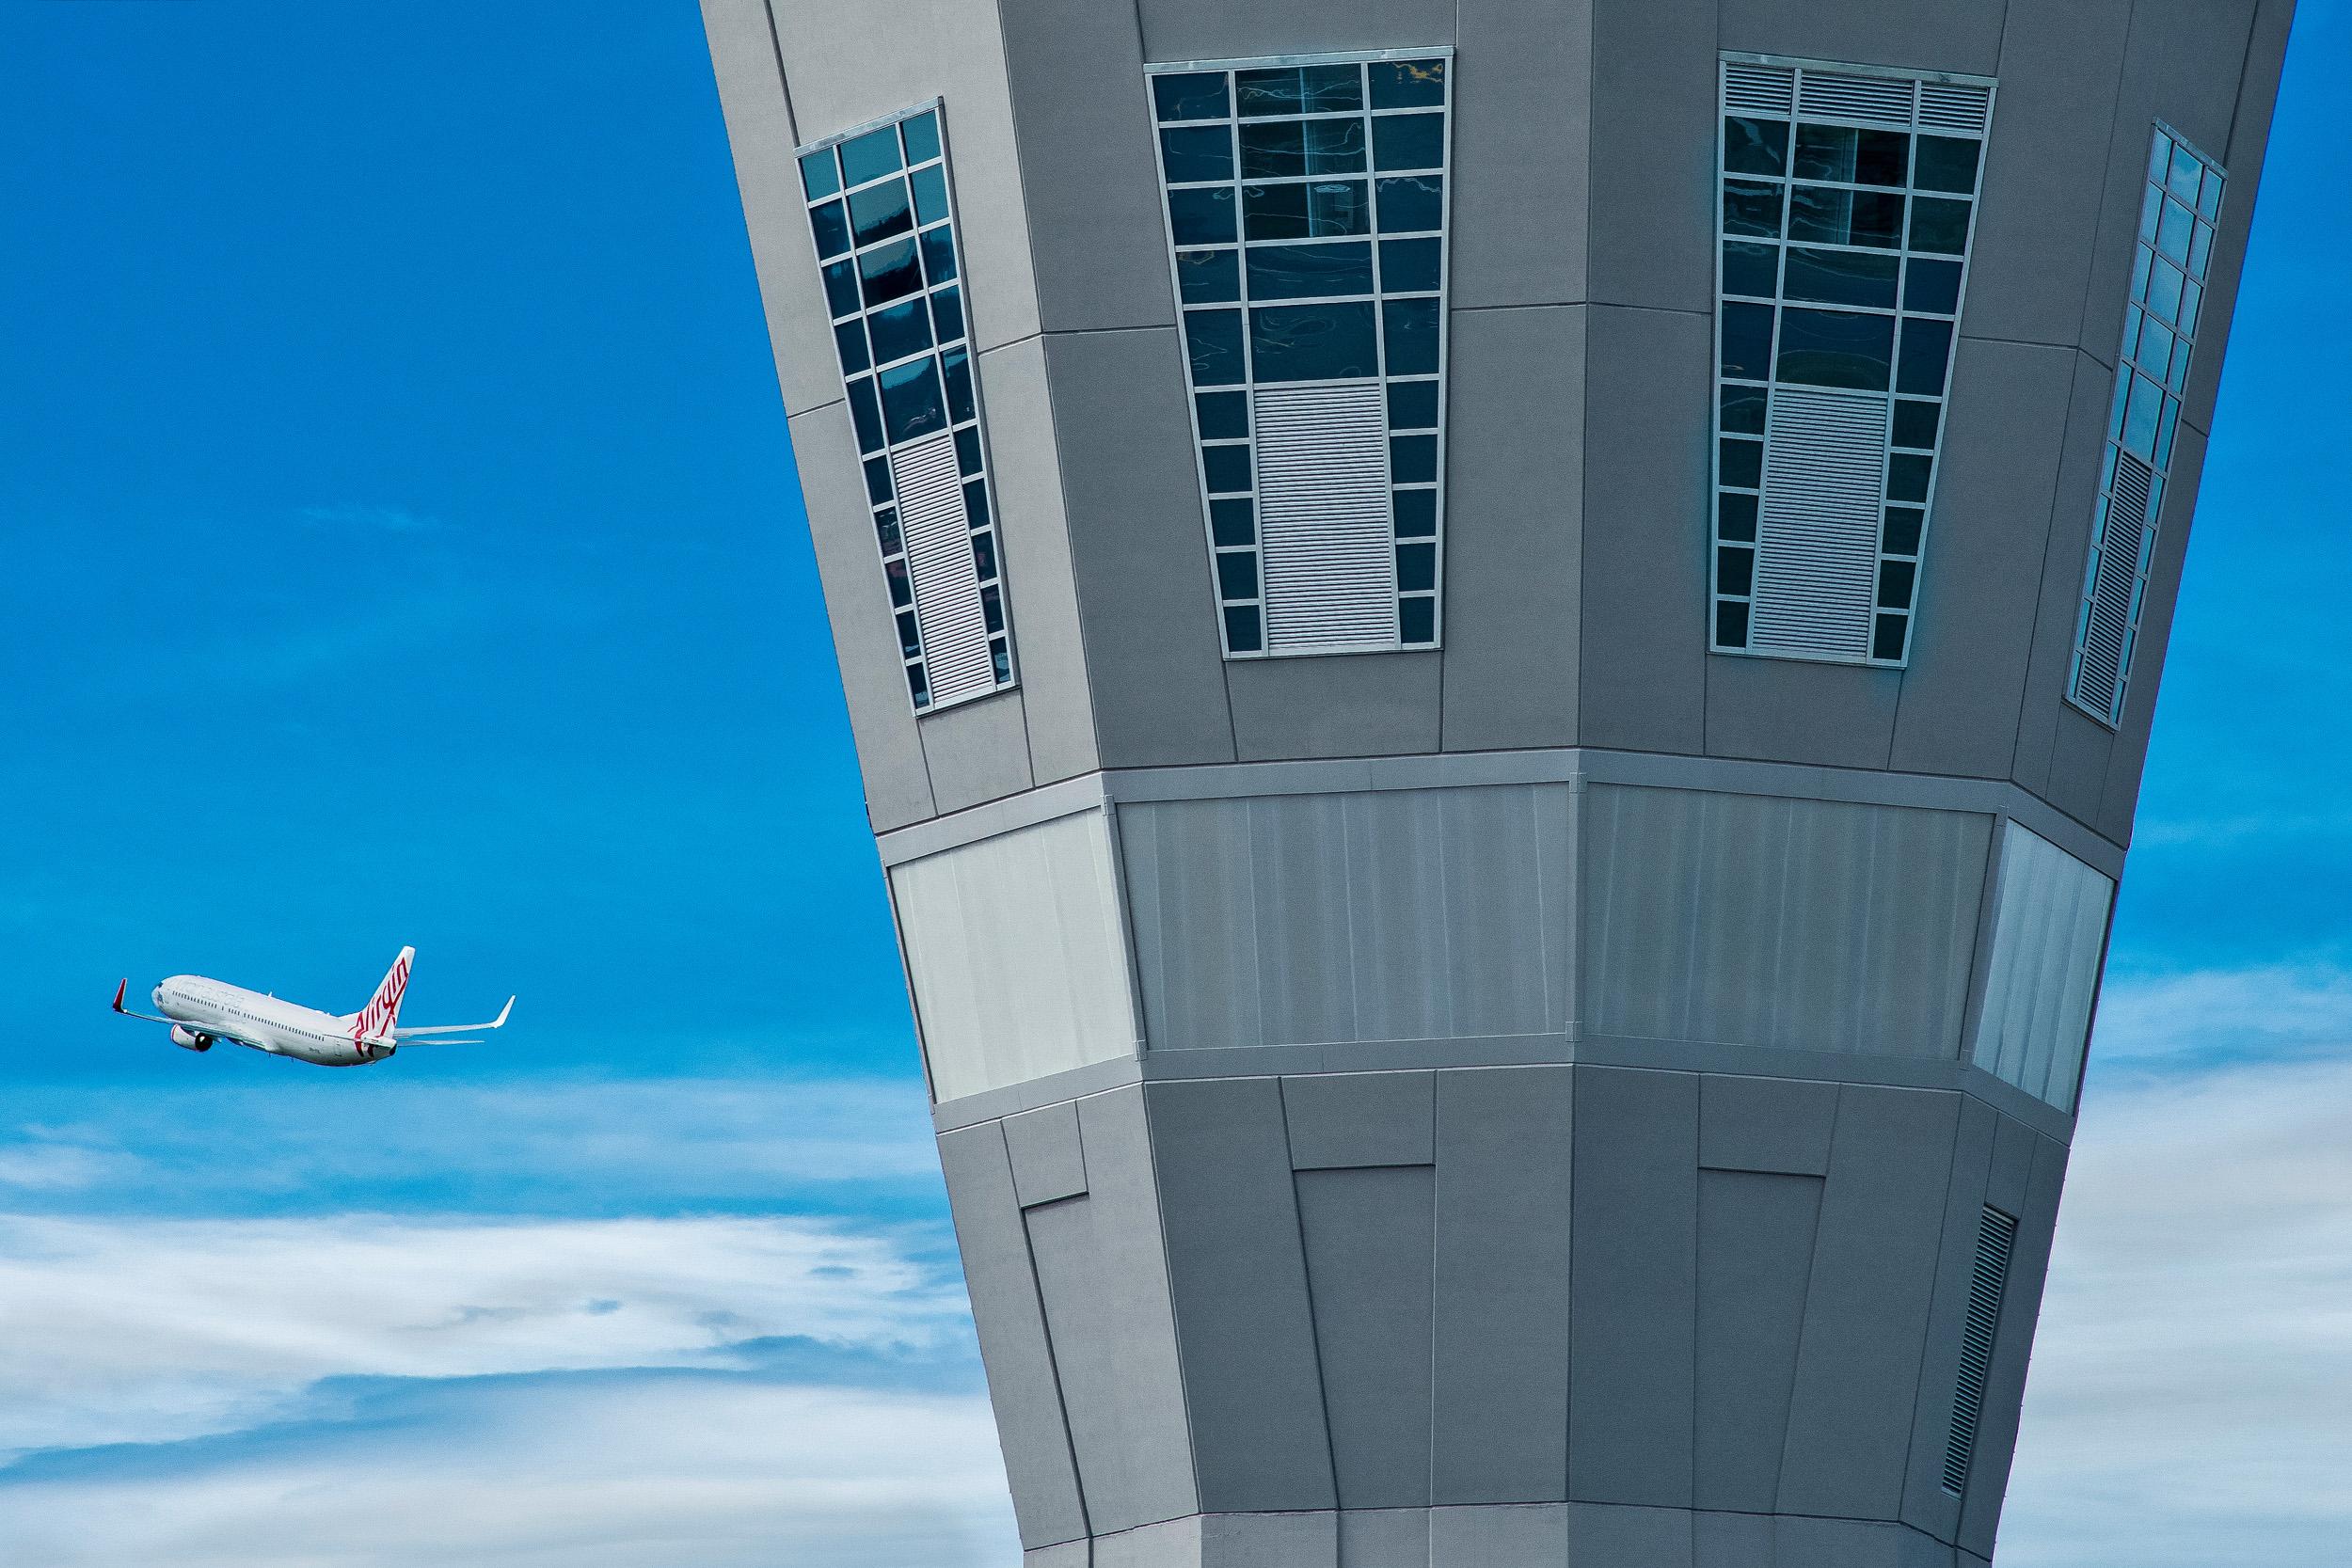 simon.casson.adelaide.aviation.photographer.017.jpg